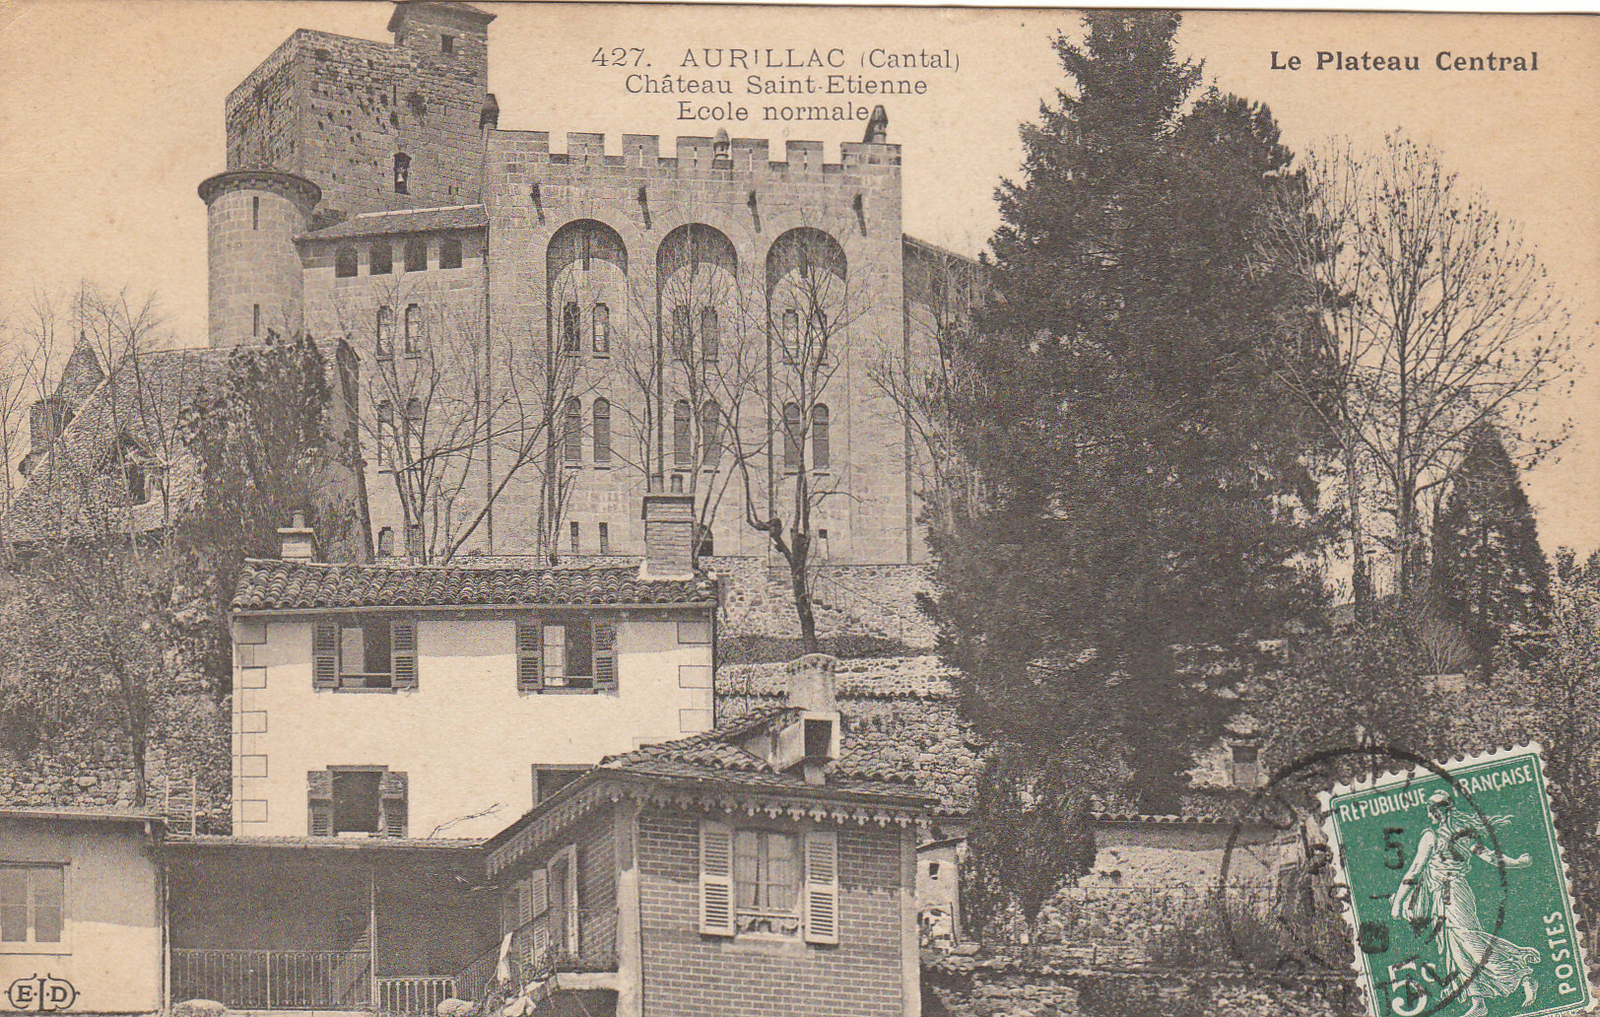 Aurillac - Ecole Normale, château Saint-Etienne